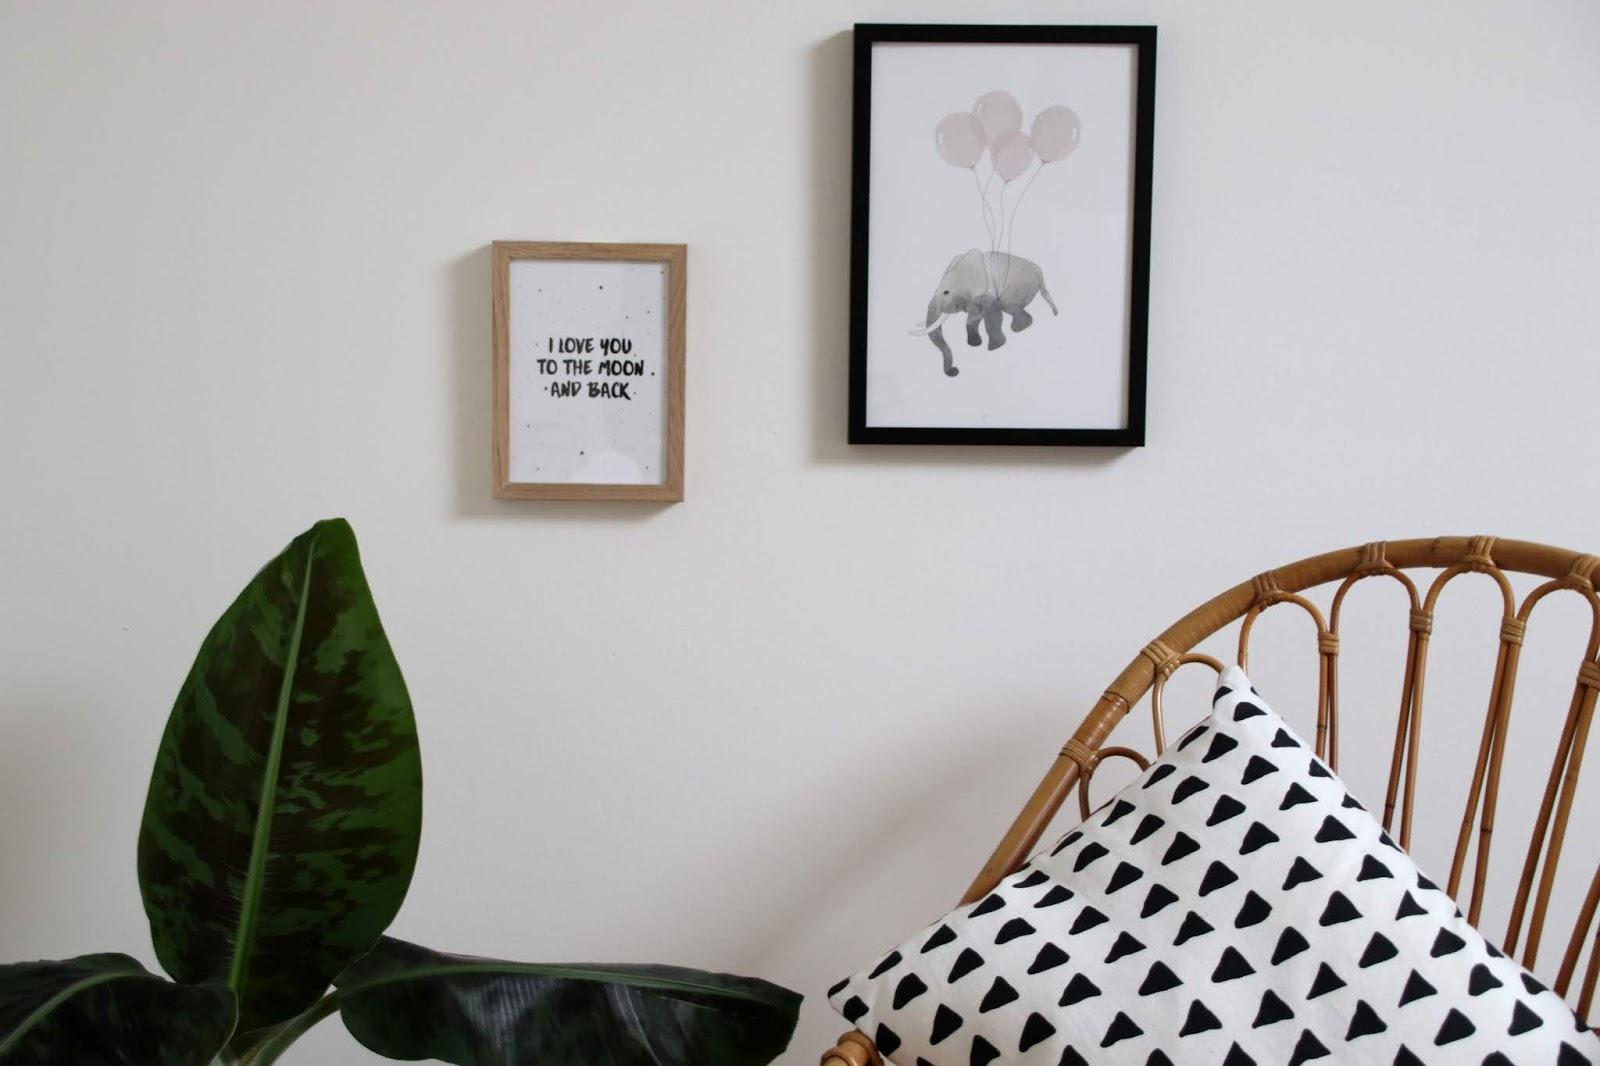 Image Pour Mettre Dans Un Cadre mettre des cadres dans sa déco sans percer les murs - le